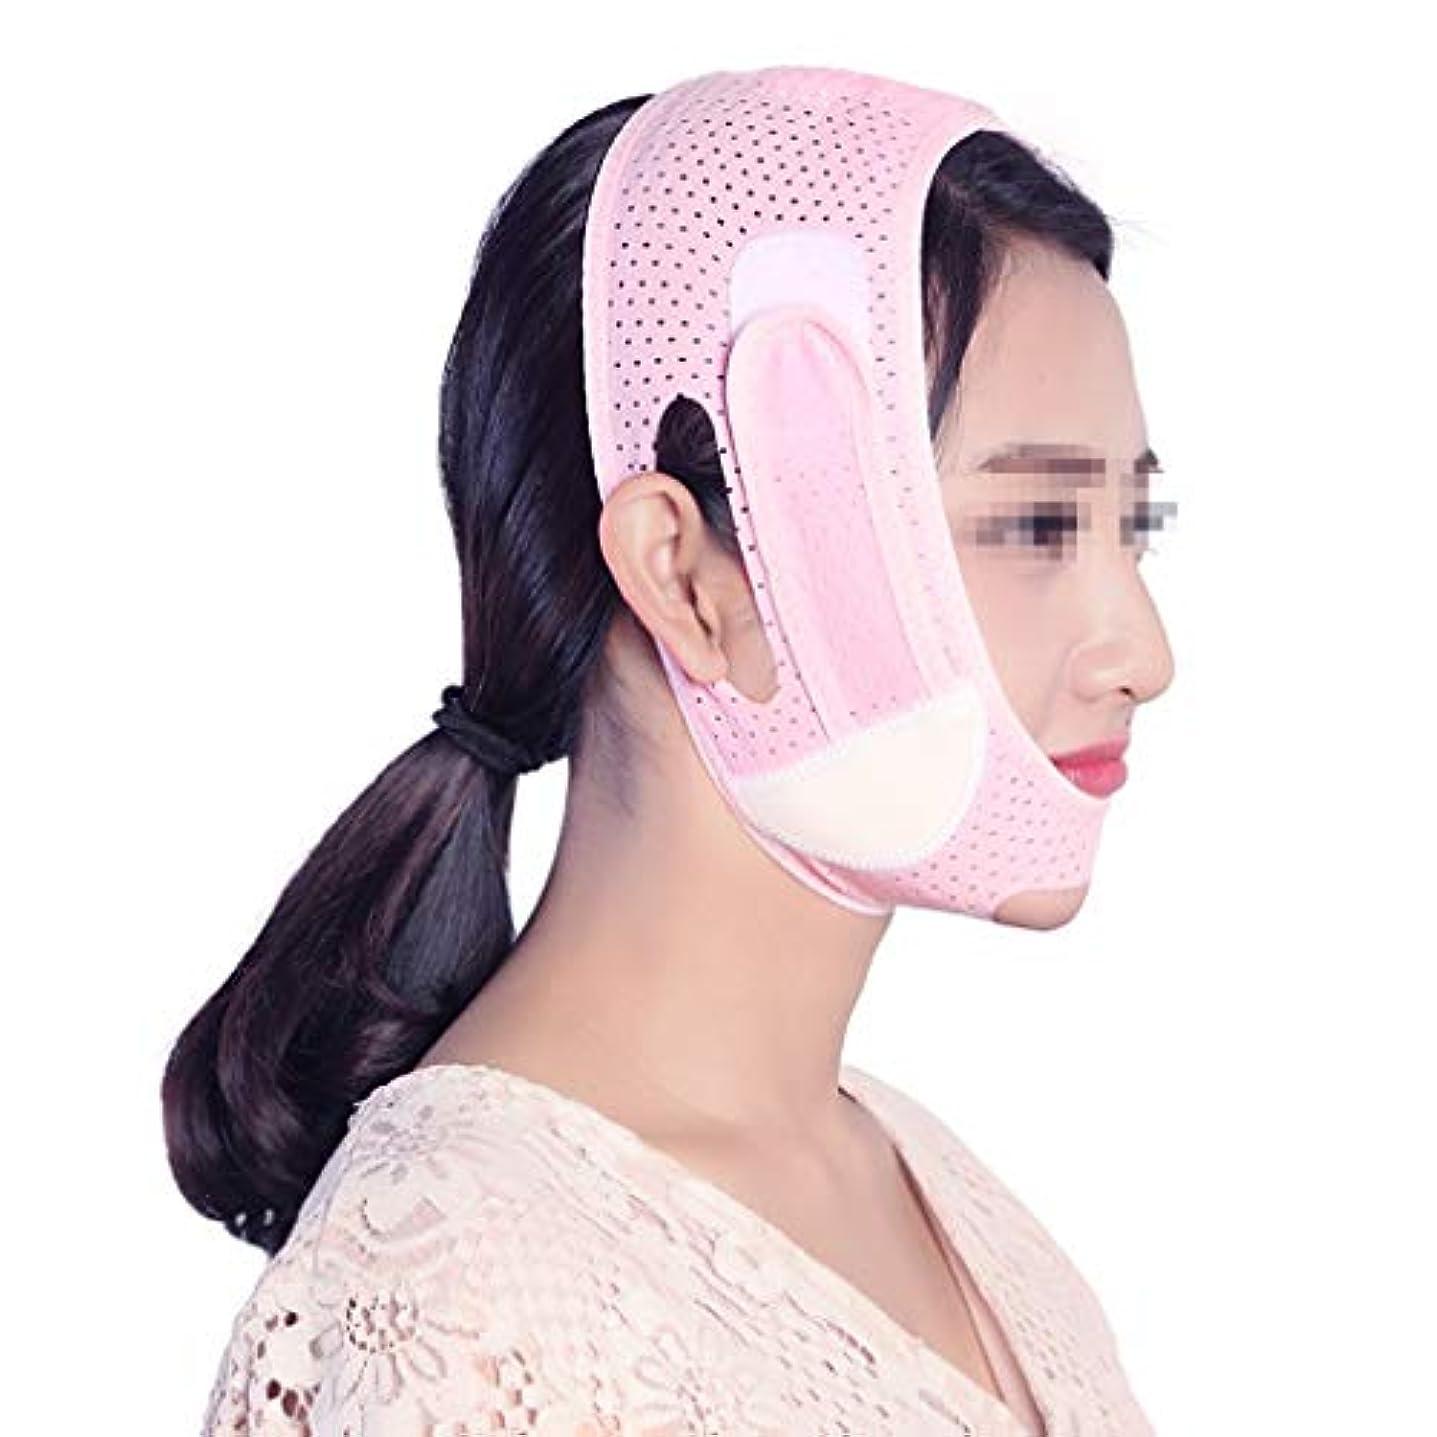 反動芸術ポテト睡眠薄い顔包帯、持ち上がる引きV顔引き締め防止二重あご薄い咬筋マスクピンク